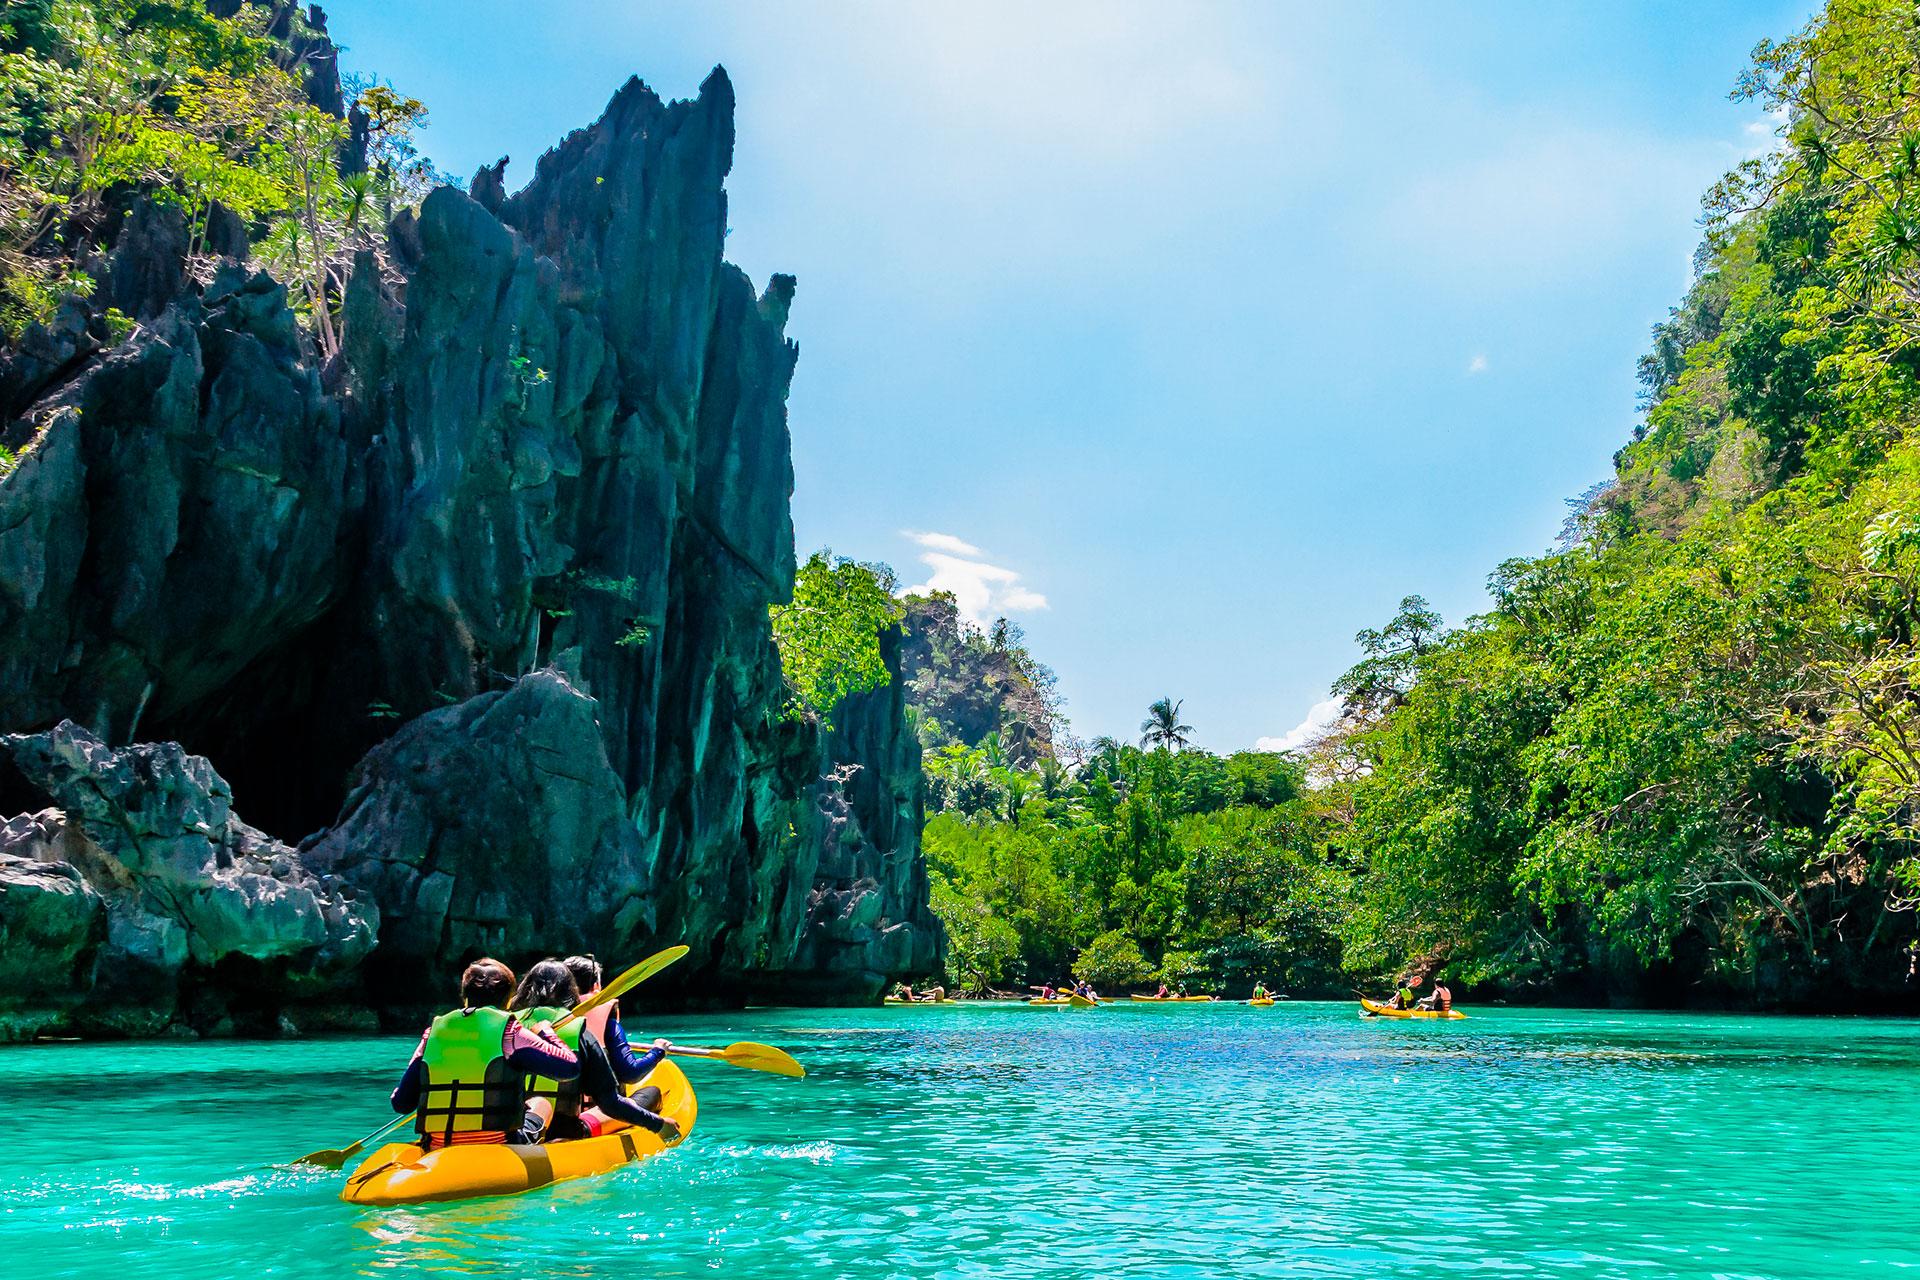 Filipinas obtiene el 8,7% de su PIB del turismo, y depende en gran medida del turismo de China. Ha sido muy afectado por el coronavirus, viendo más de 27.000 casos. Detuvo la mayoría de los viajes internacionales y restringió los viajes nacionales, pero está compartiendo videos en línea para que las personas puedan experimentar el país virtualmente